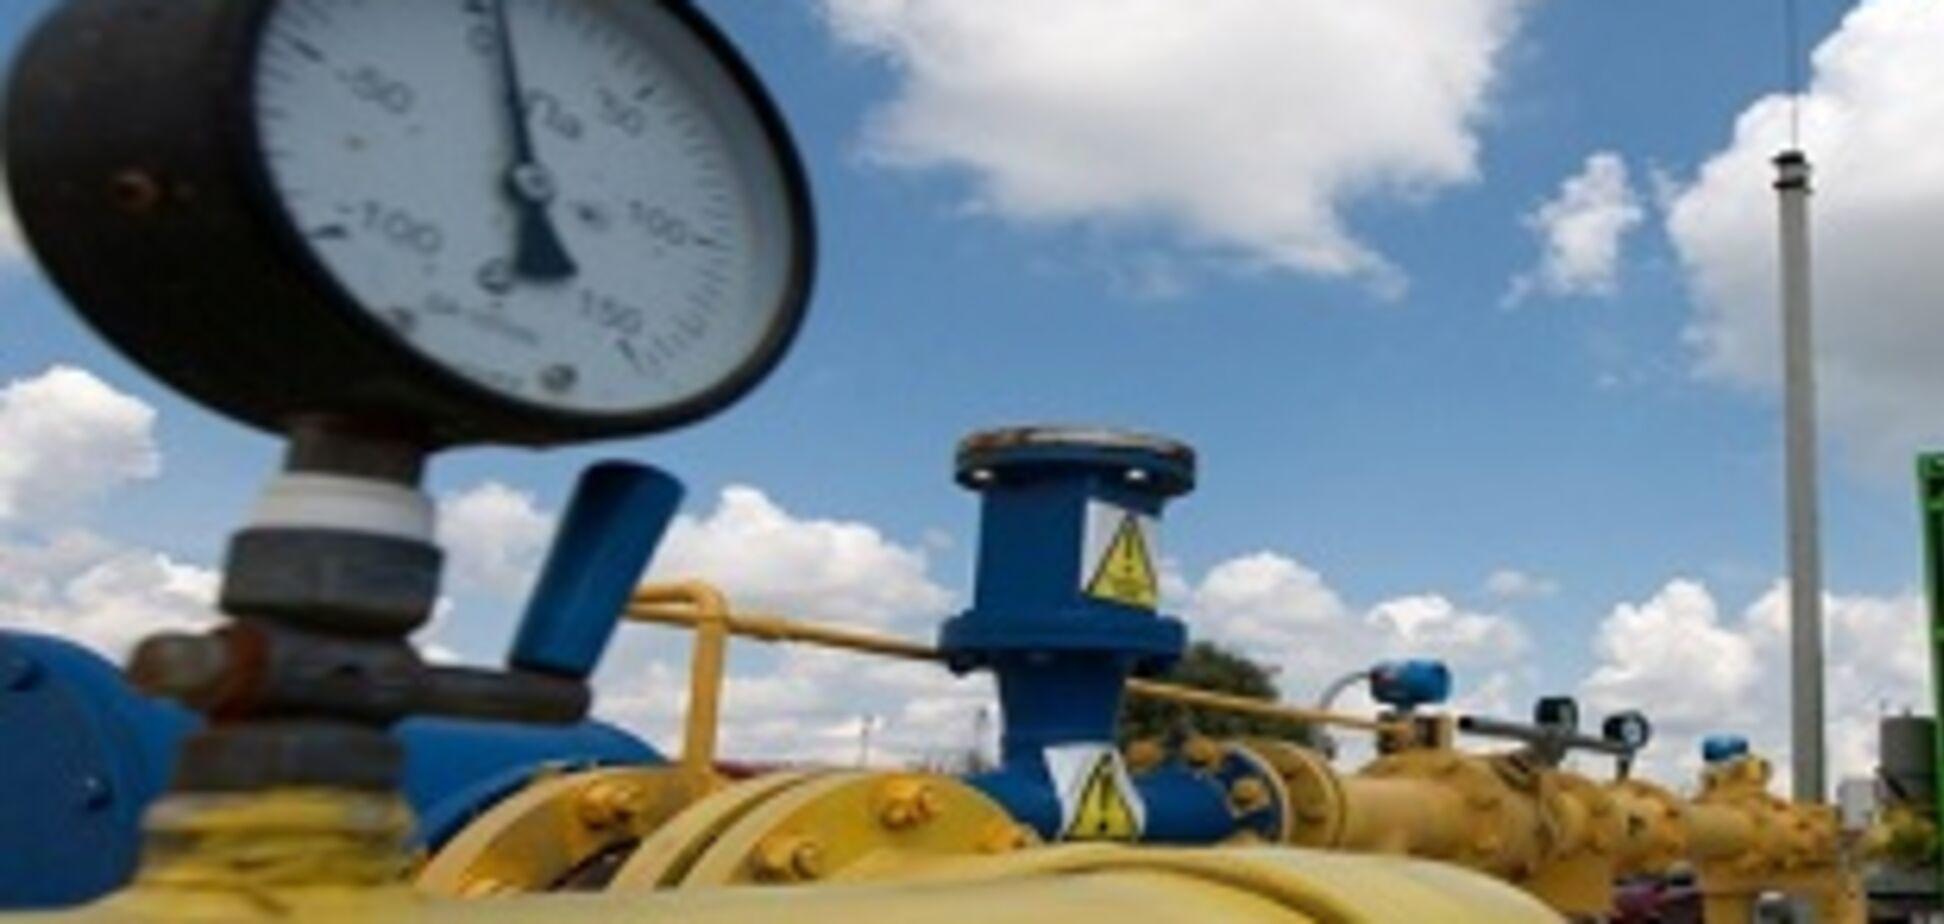 'Нафтогаз' победит 'Газпром': эксперт дал прогноз по решению Стокгольмского арбитража